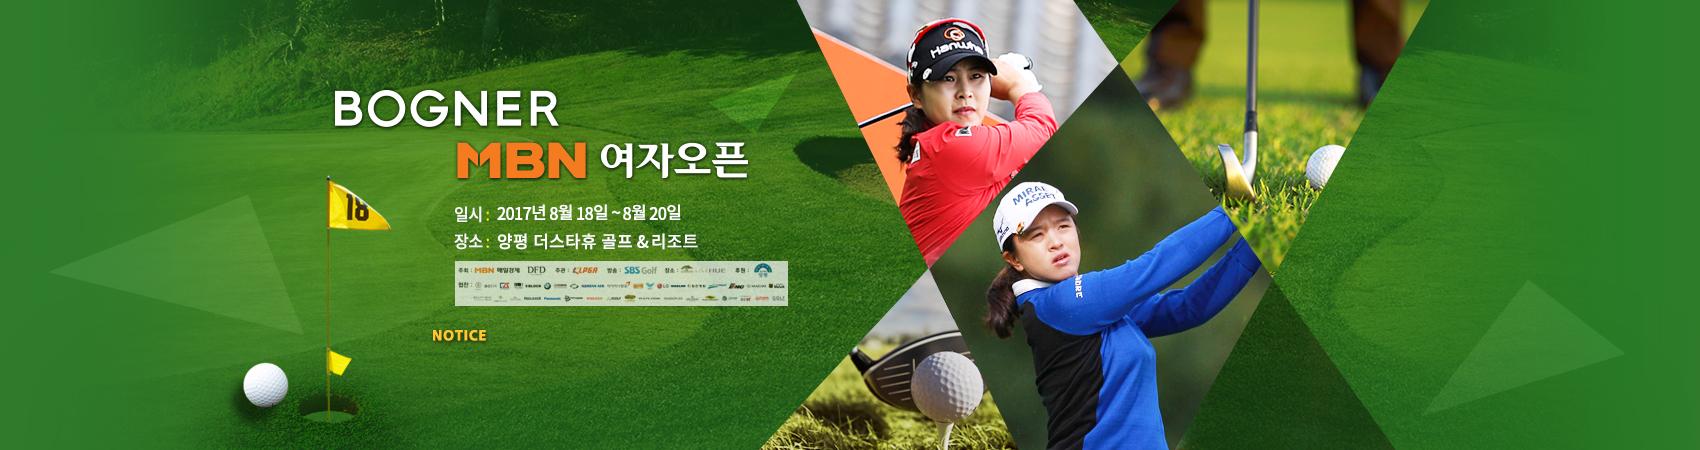 BOGNER MBN 여자오픈 일시 : 2017년 8월 18일 ~ 8월 20일, 장소 : 양평 더스타휴 골프 & 리조트